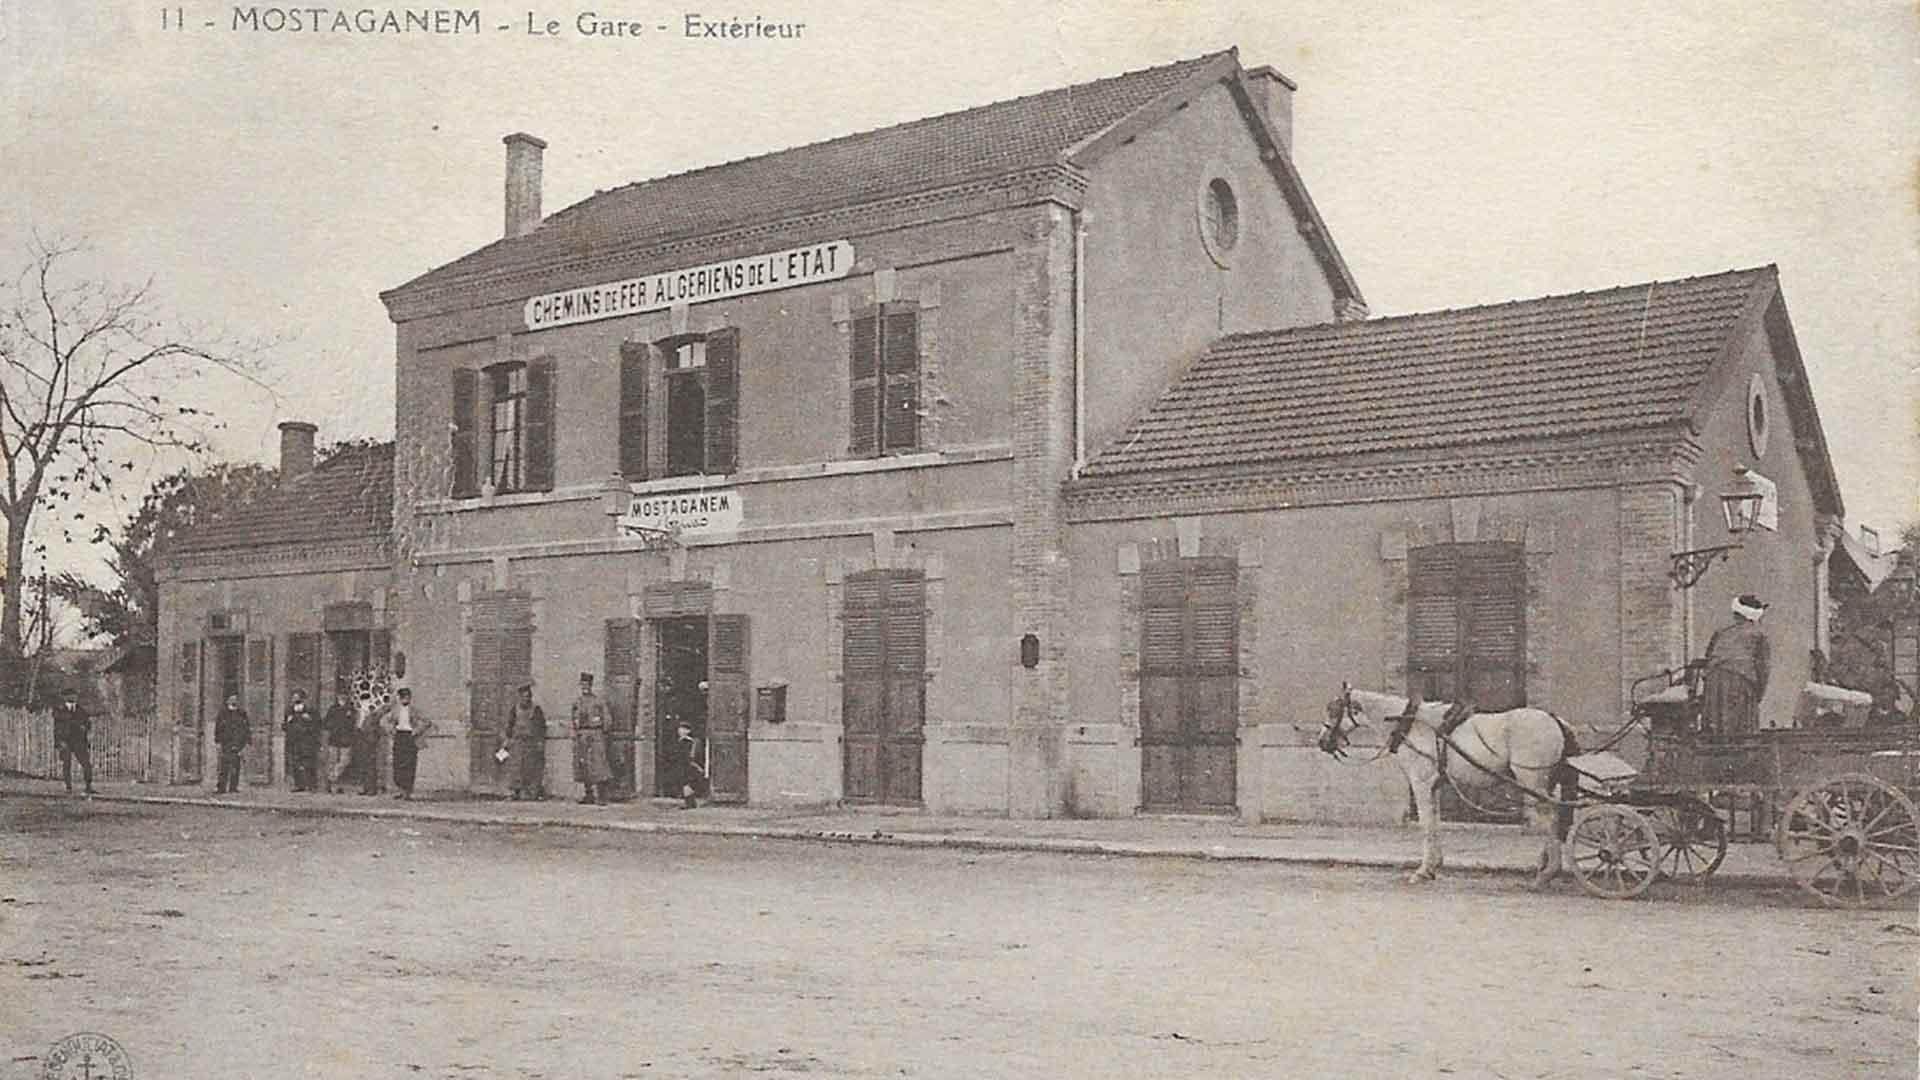 Mostaganem-Gare